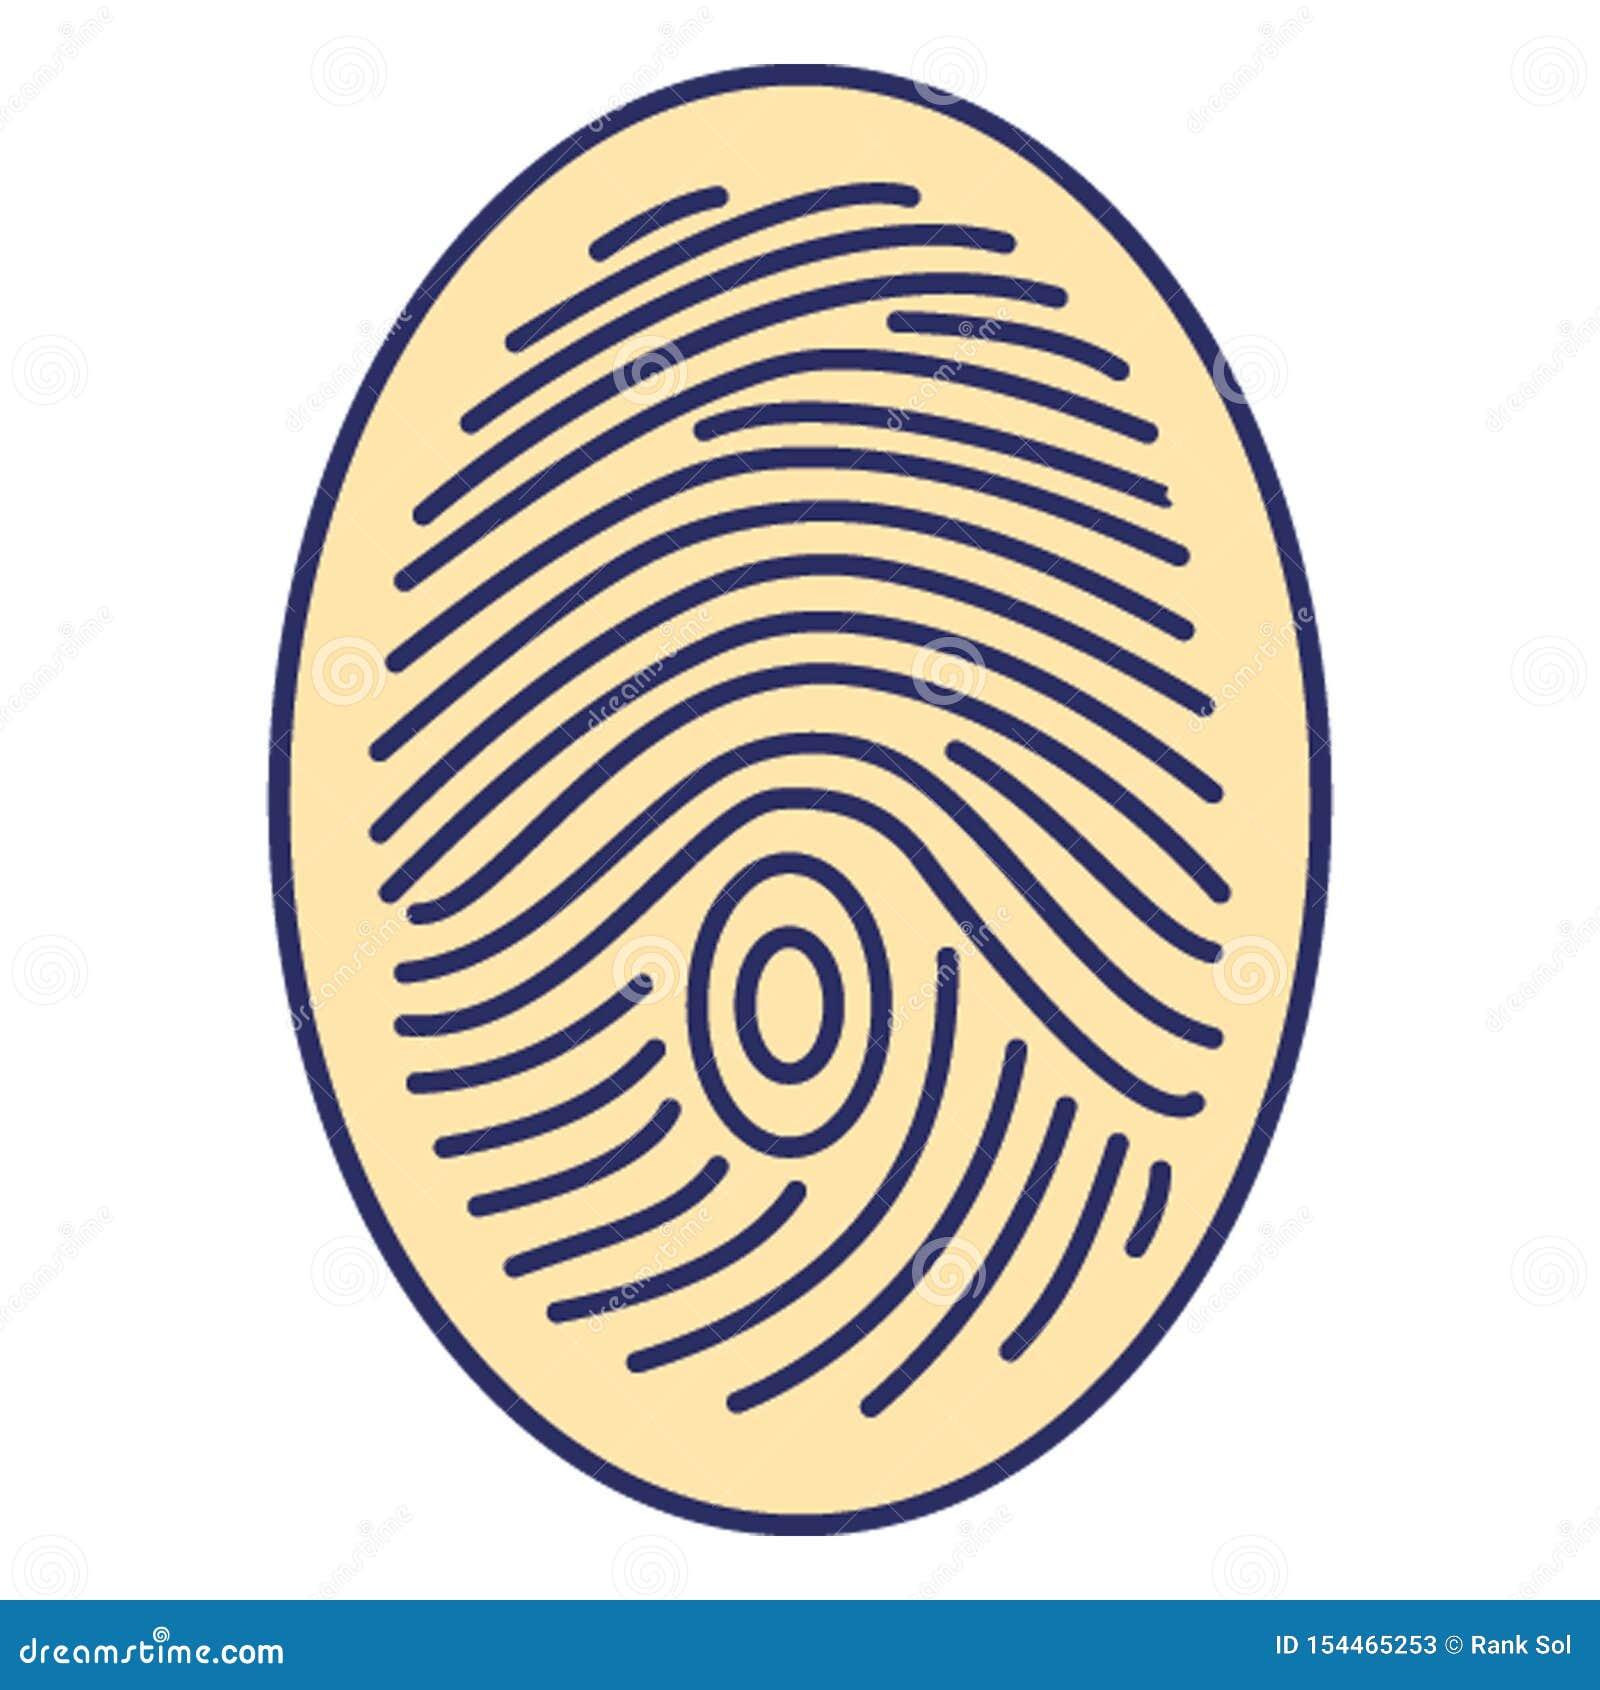 Identificação biométrica, ícone do vetor do dactylogram que pode facilmente alterar ou editar